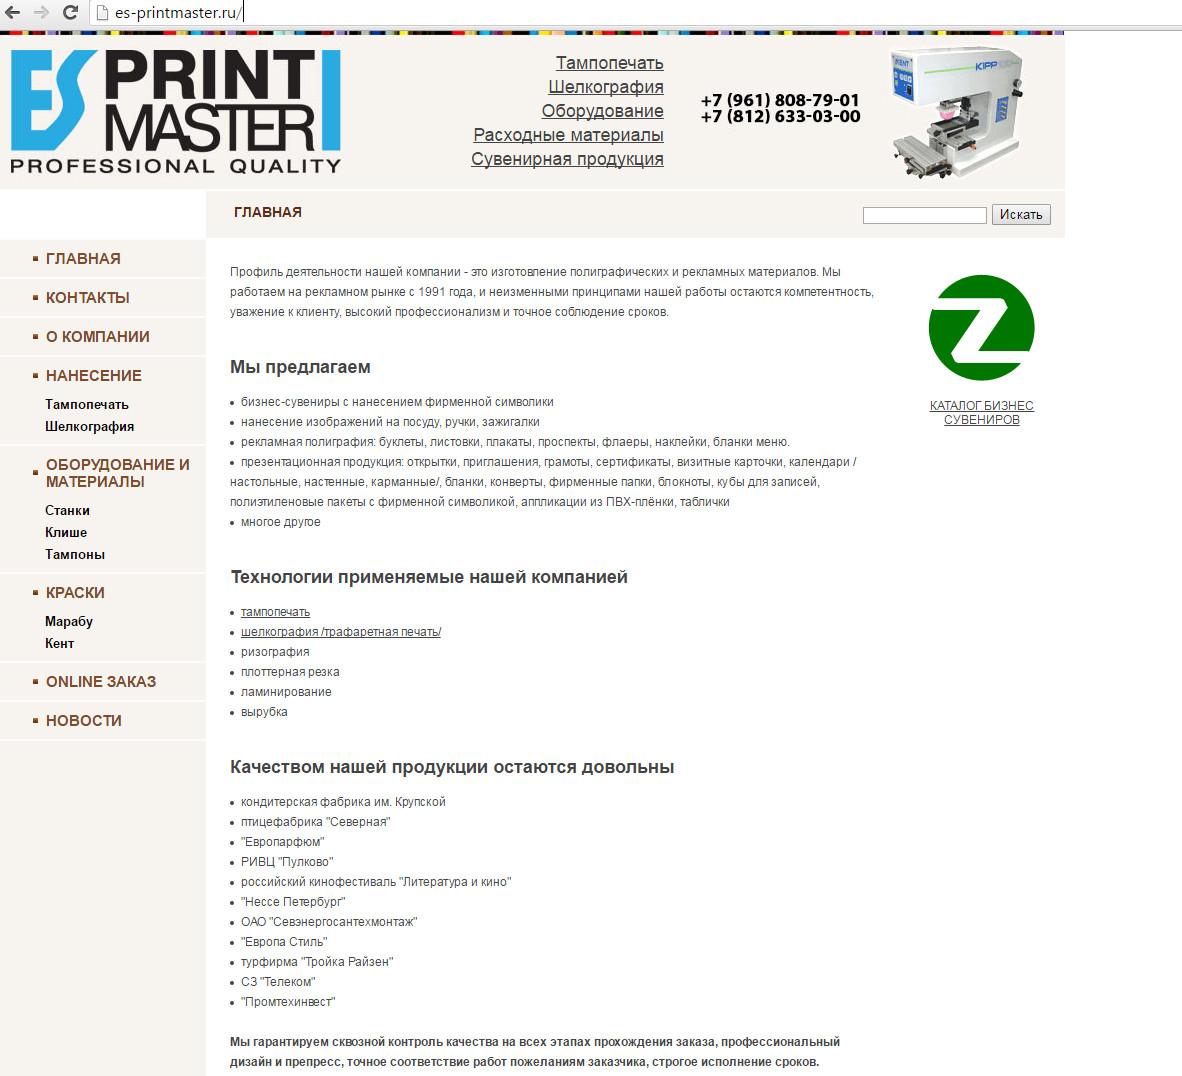 es-printmaster.ru